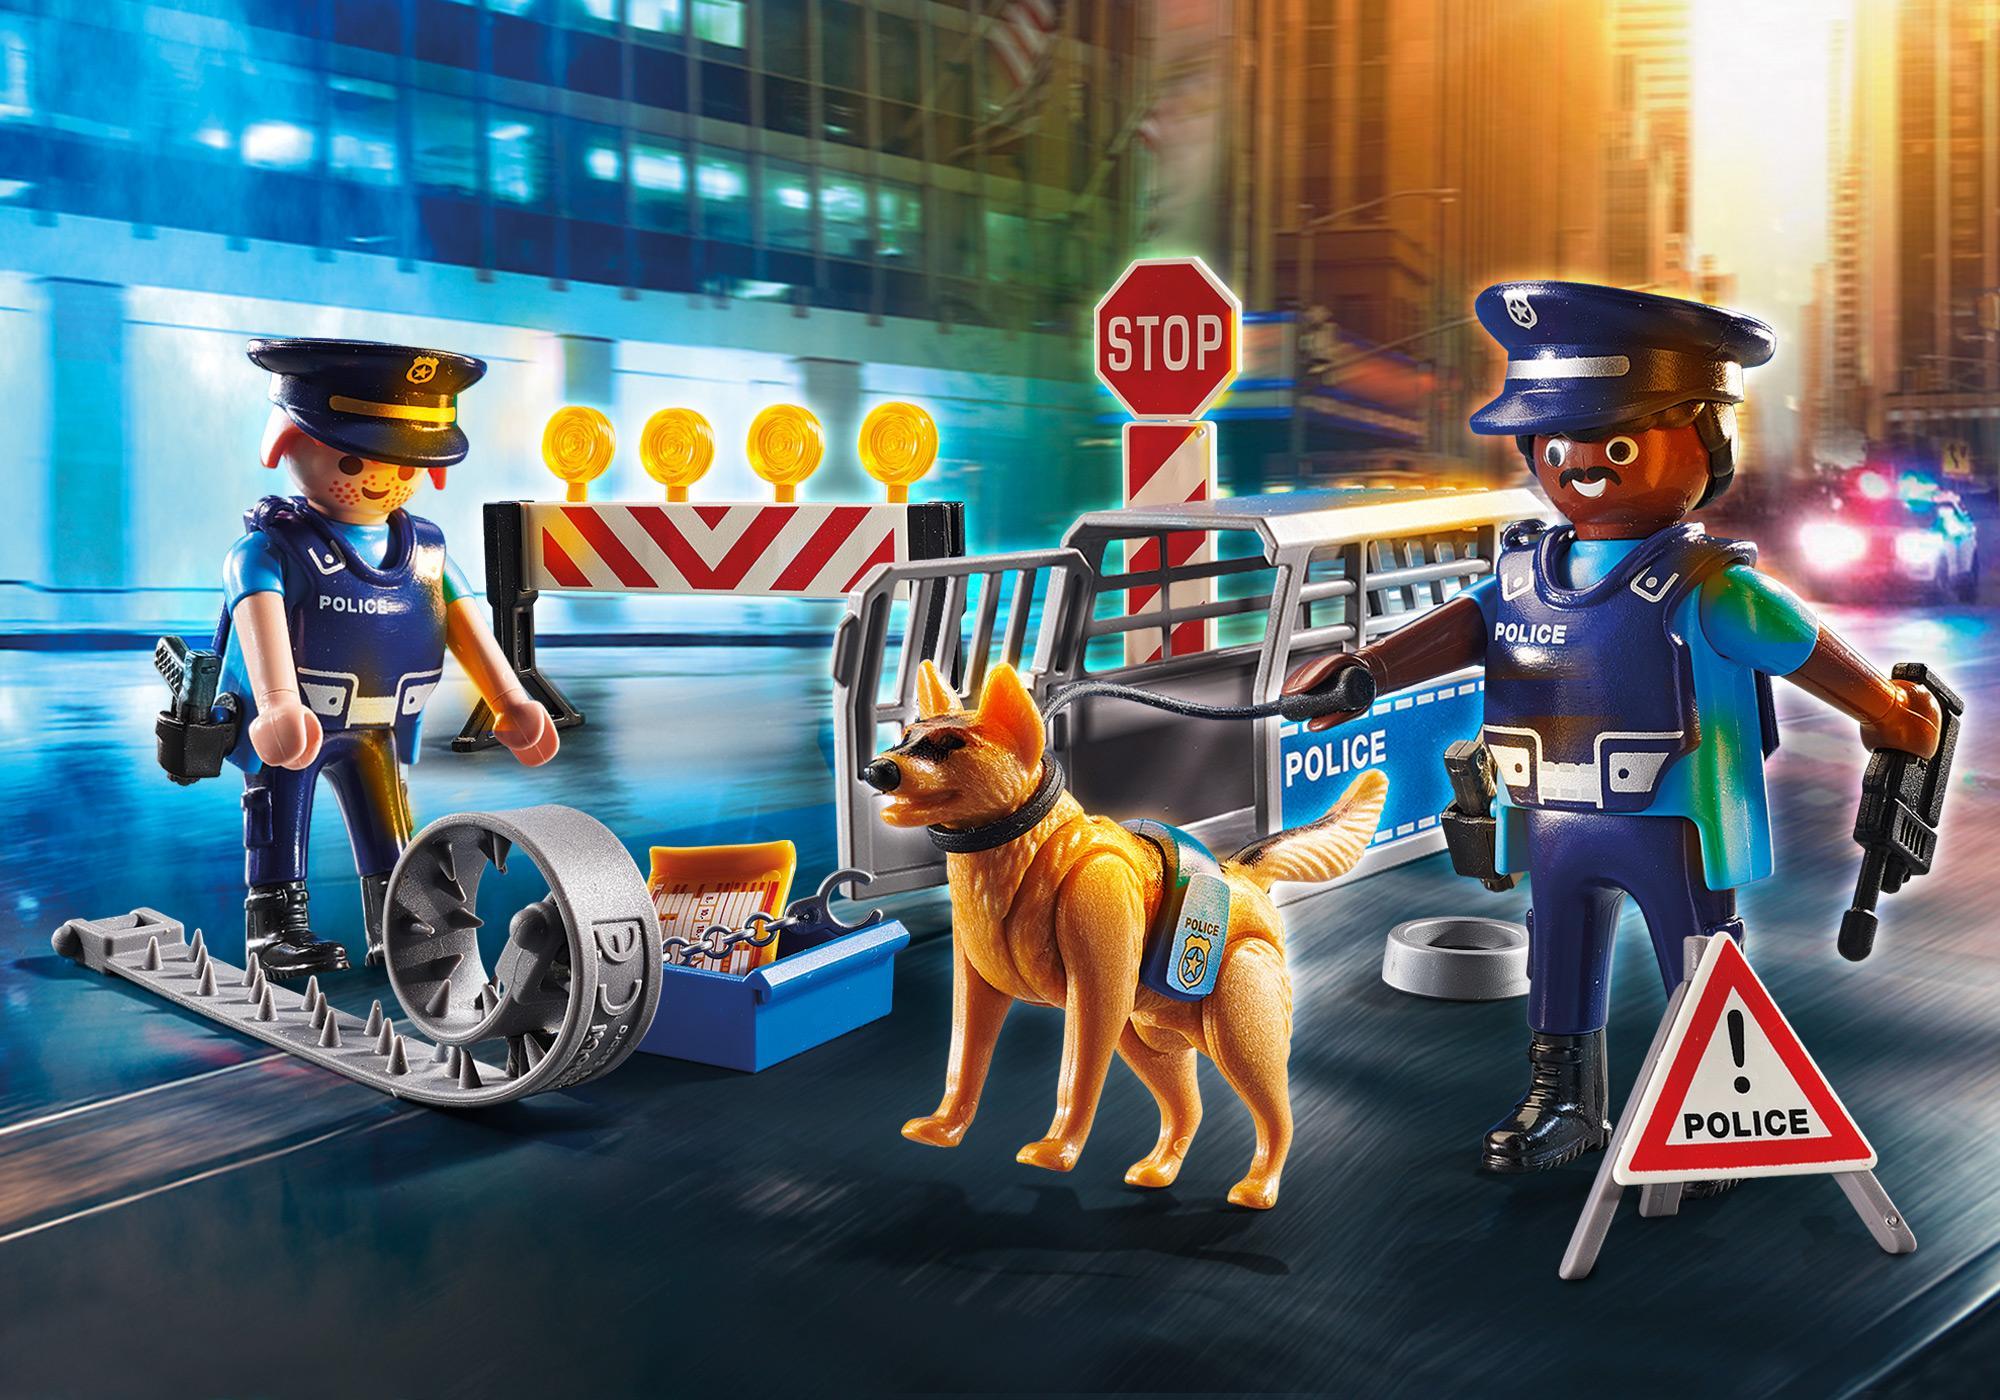 http://media.playmobil.com/i/playmobil/6924_product_detail/Polisvägspärr